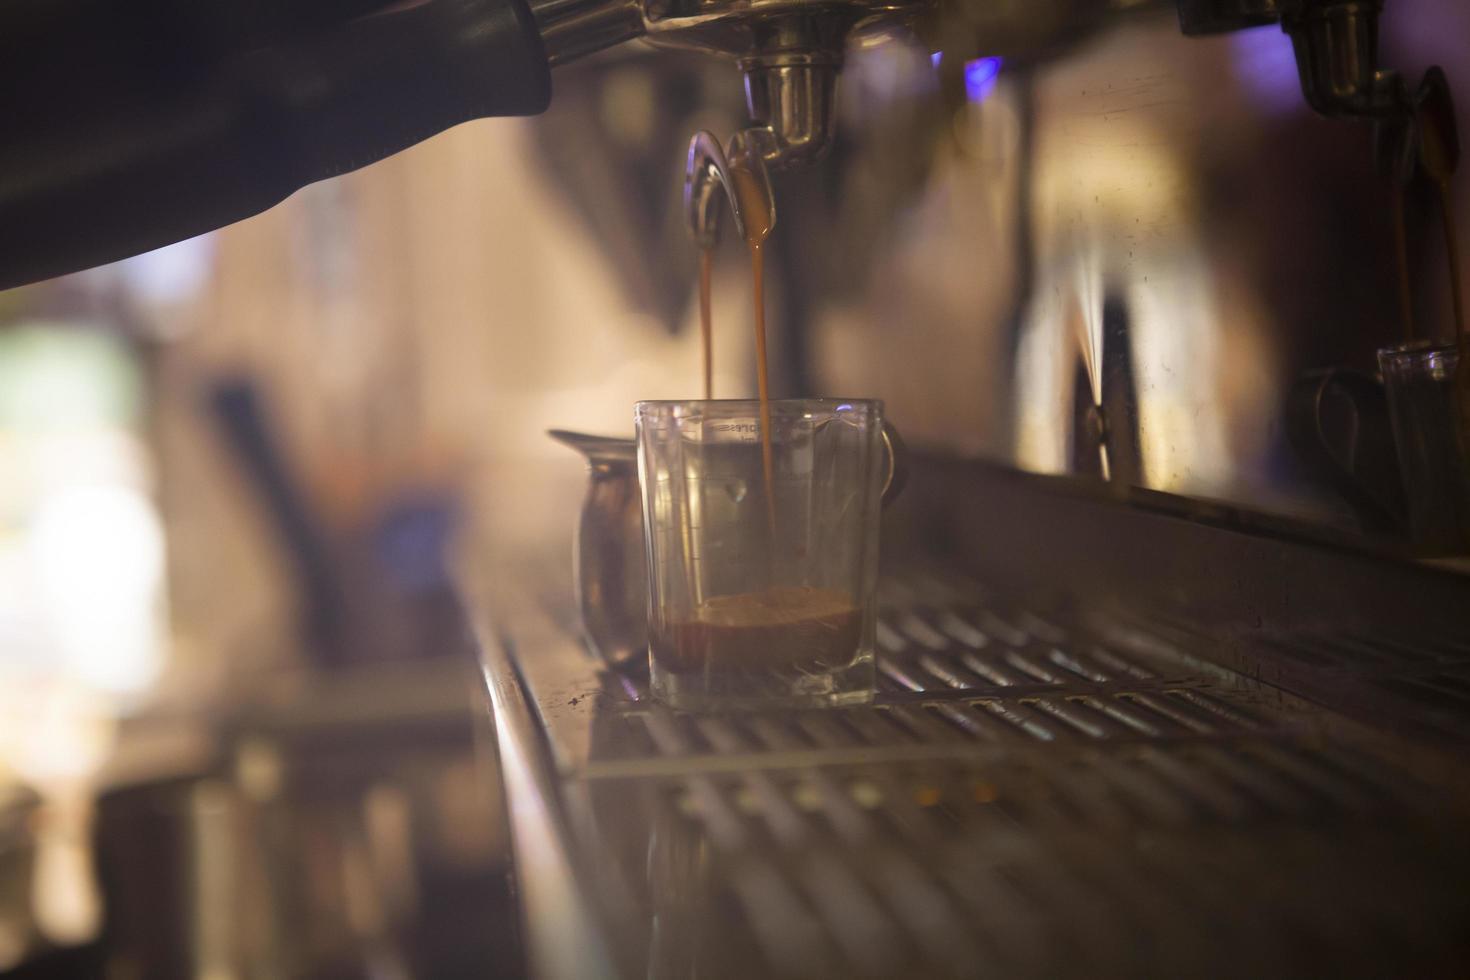 Coffee maker pouring espresso photo